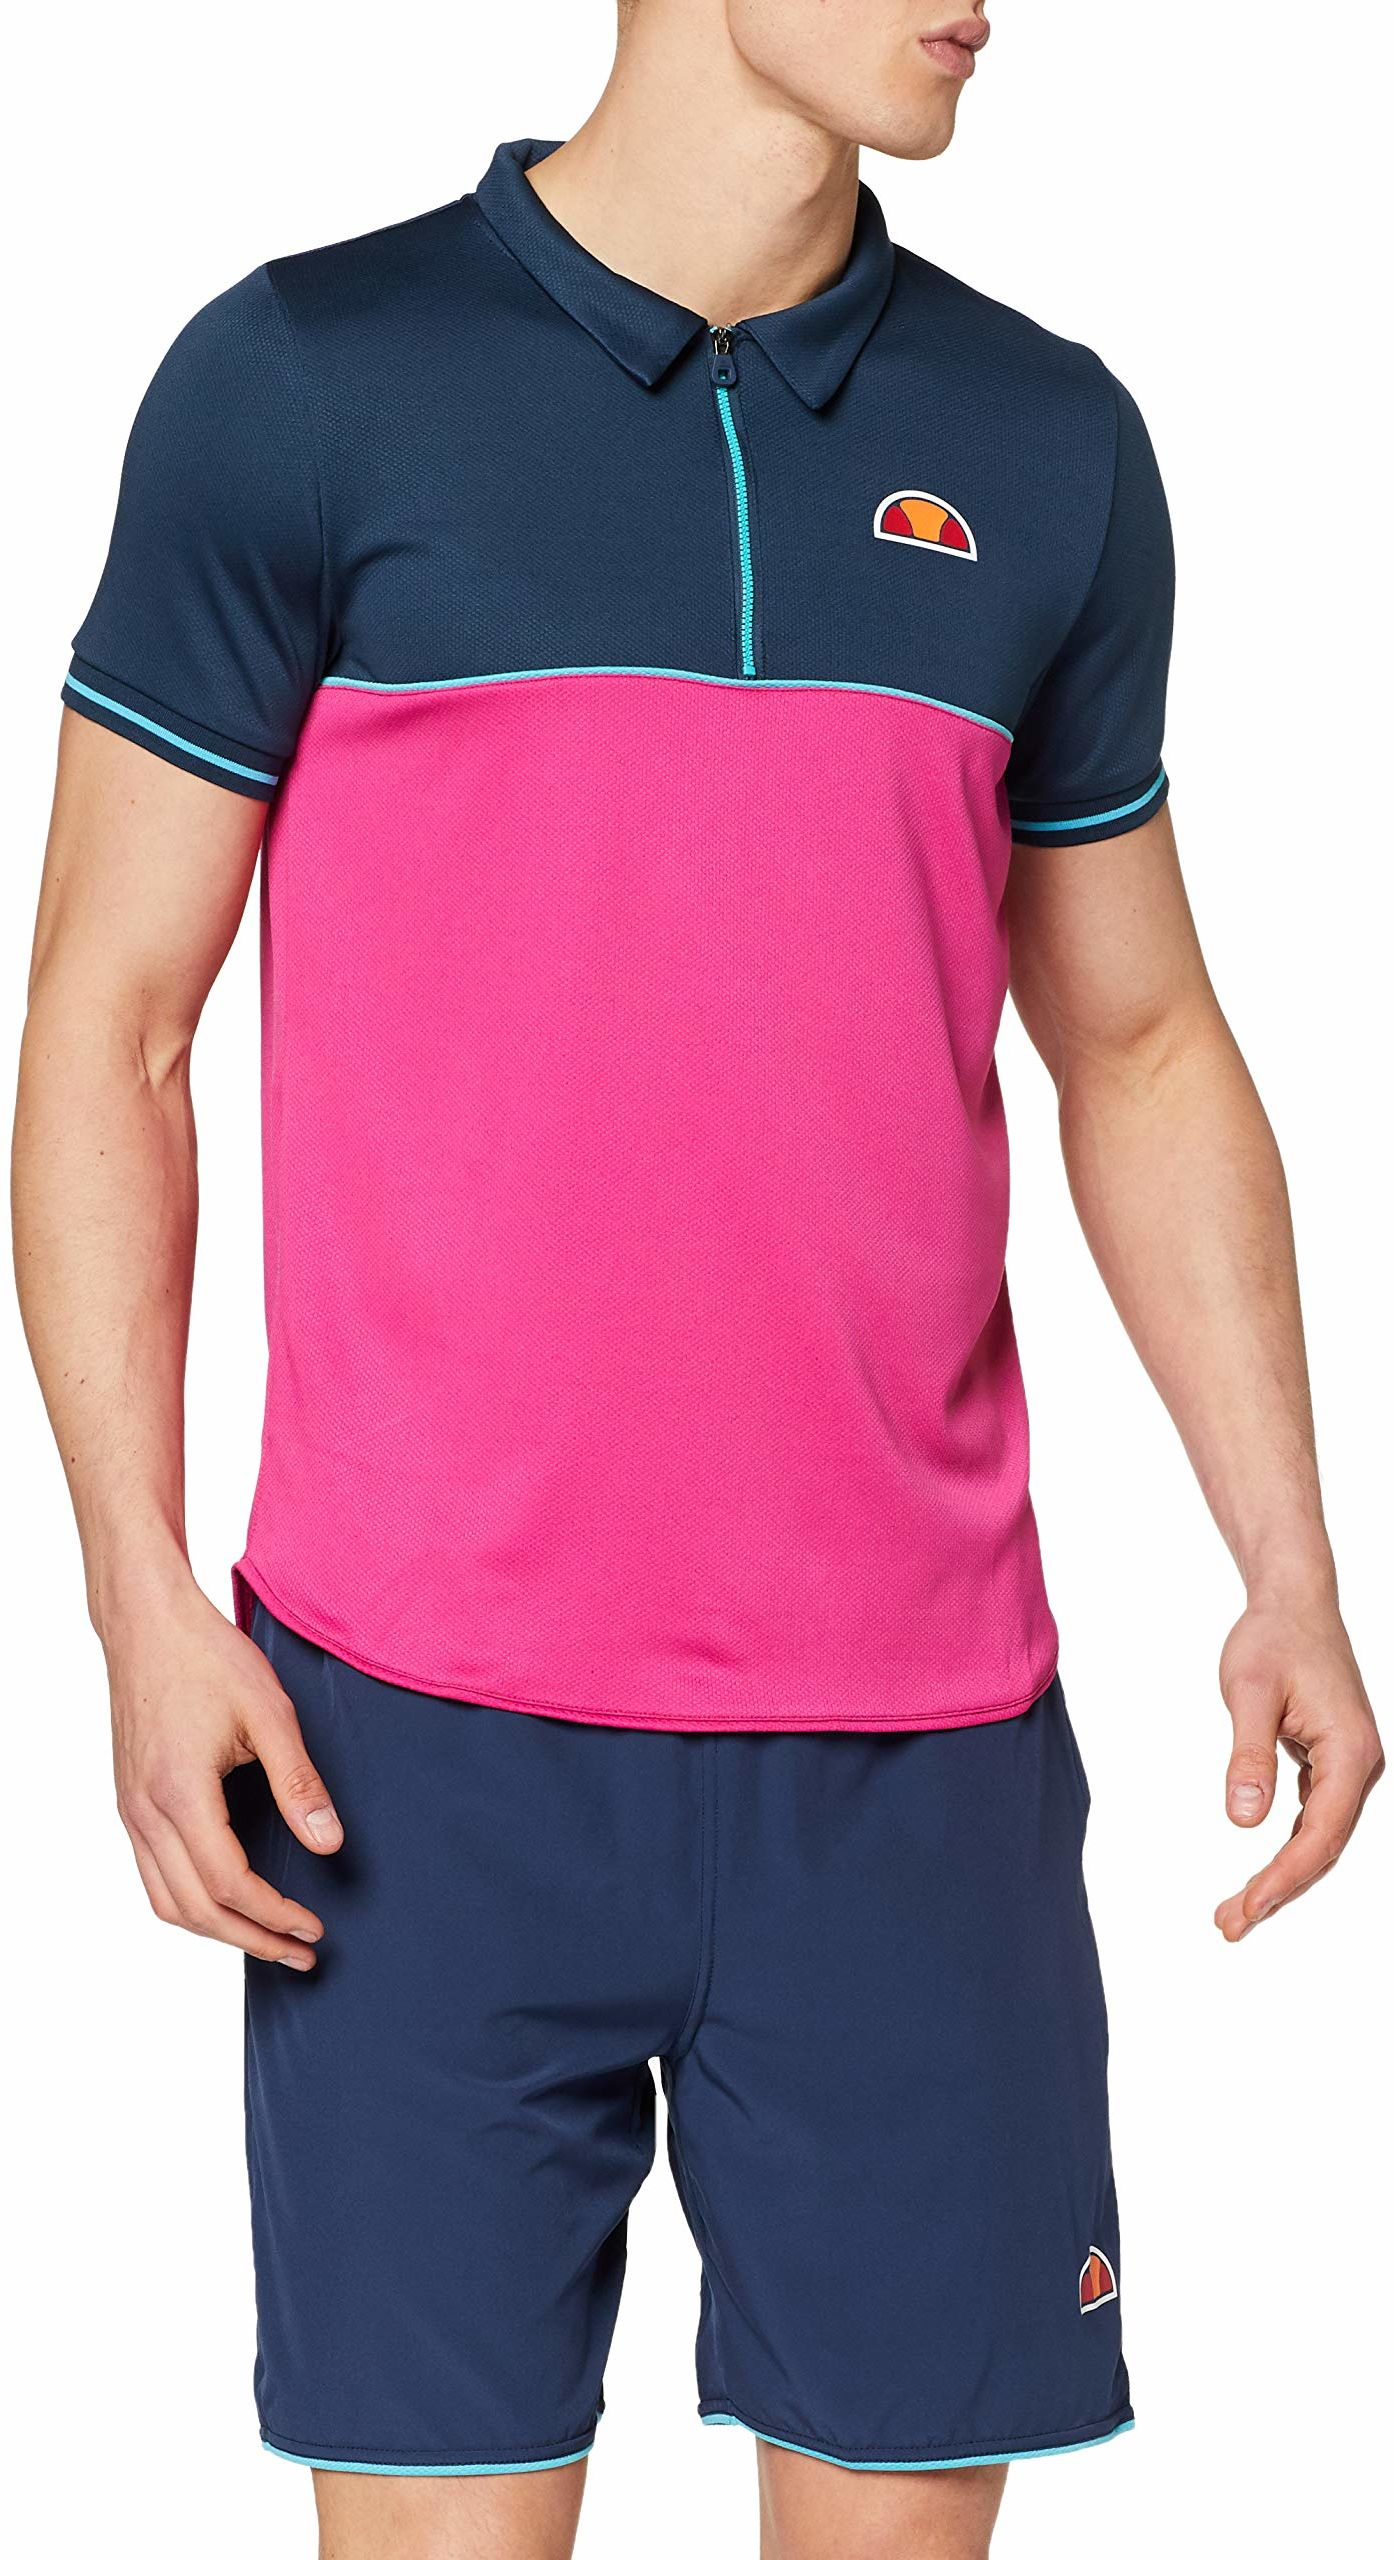 ellesse męska koszulka polo Wesley Granatowy/różowy S